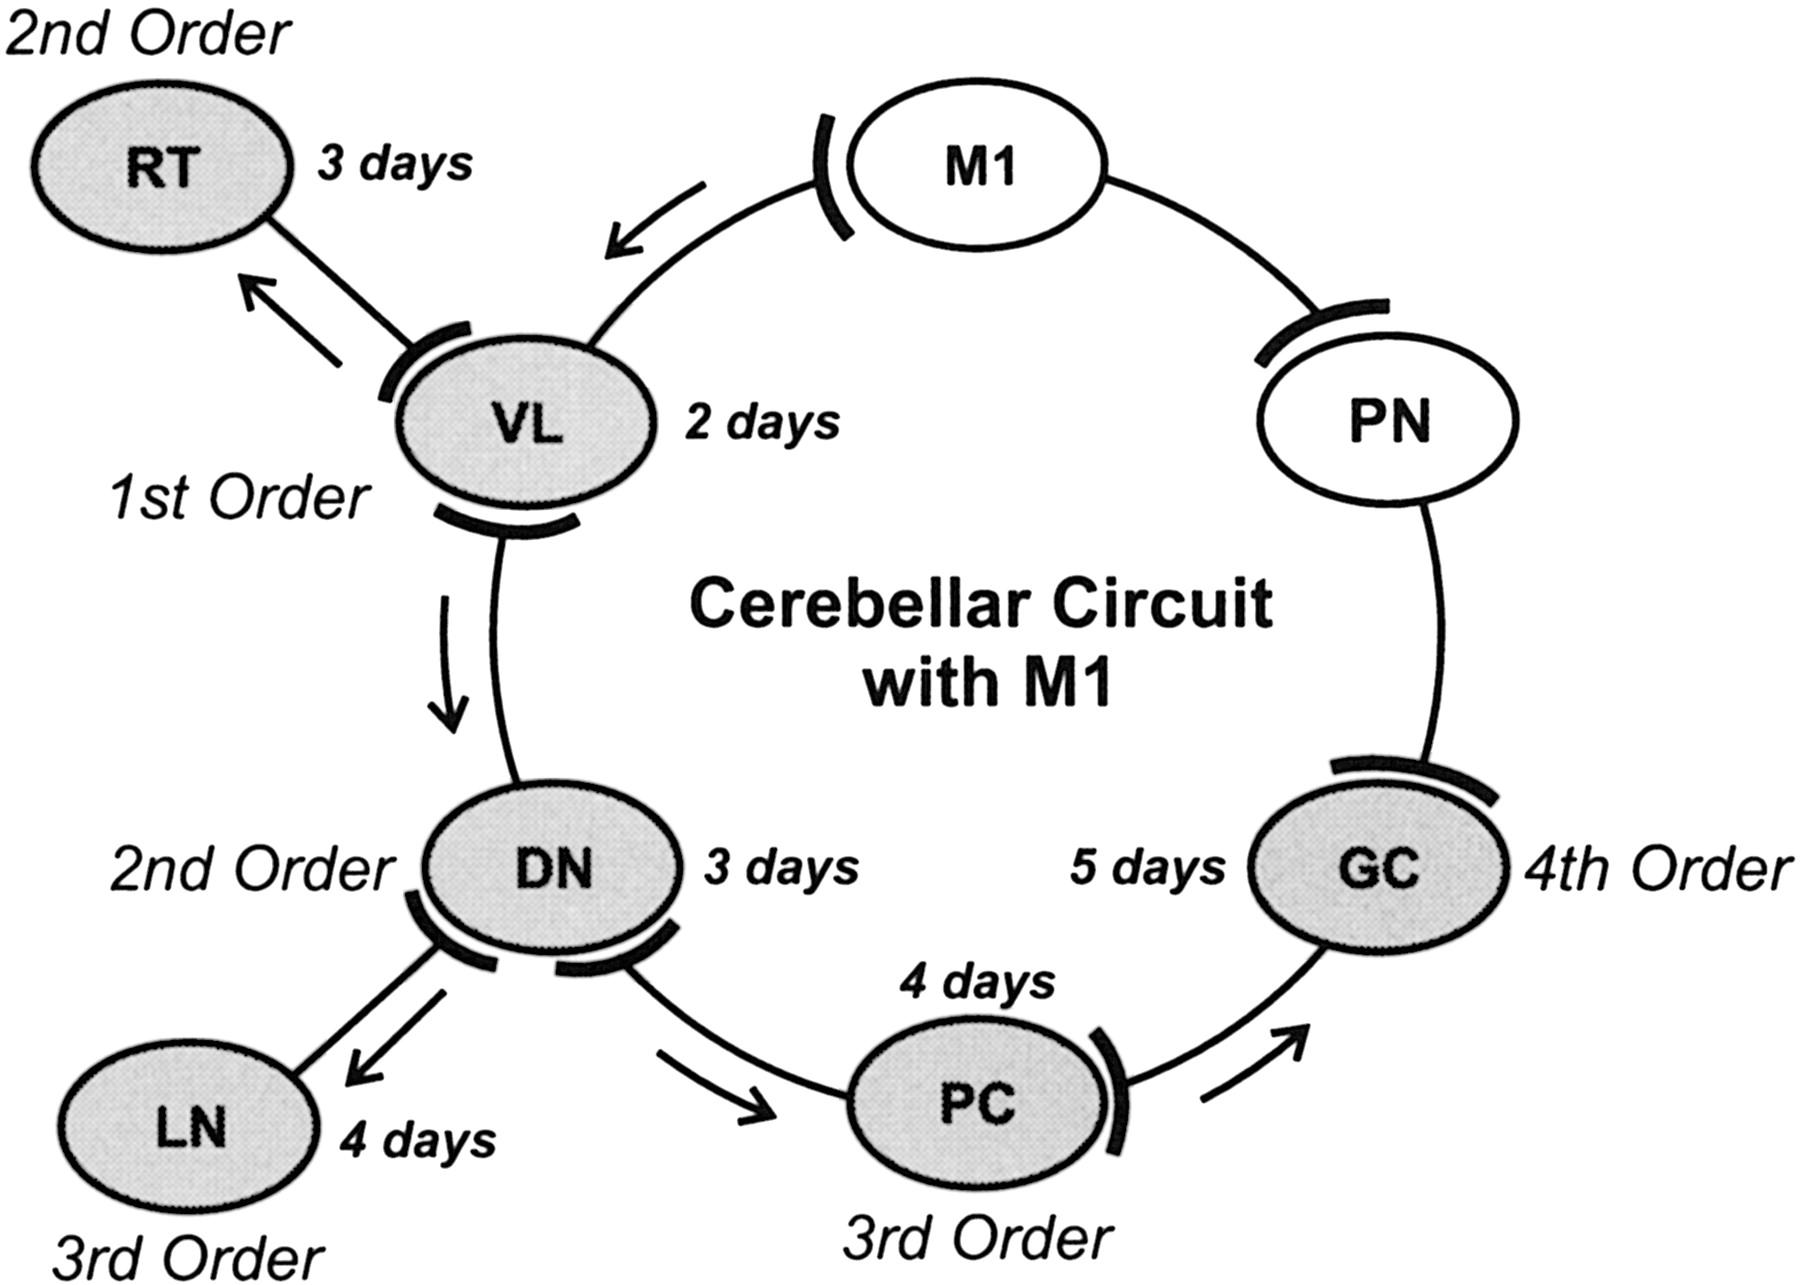 Cerebellar Loops With Motor Cortex And Prefrontal Cortex